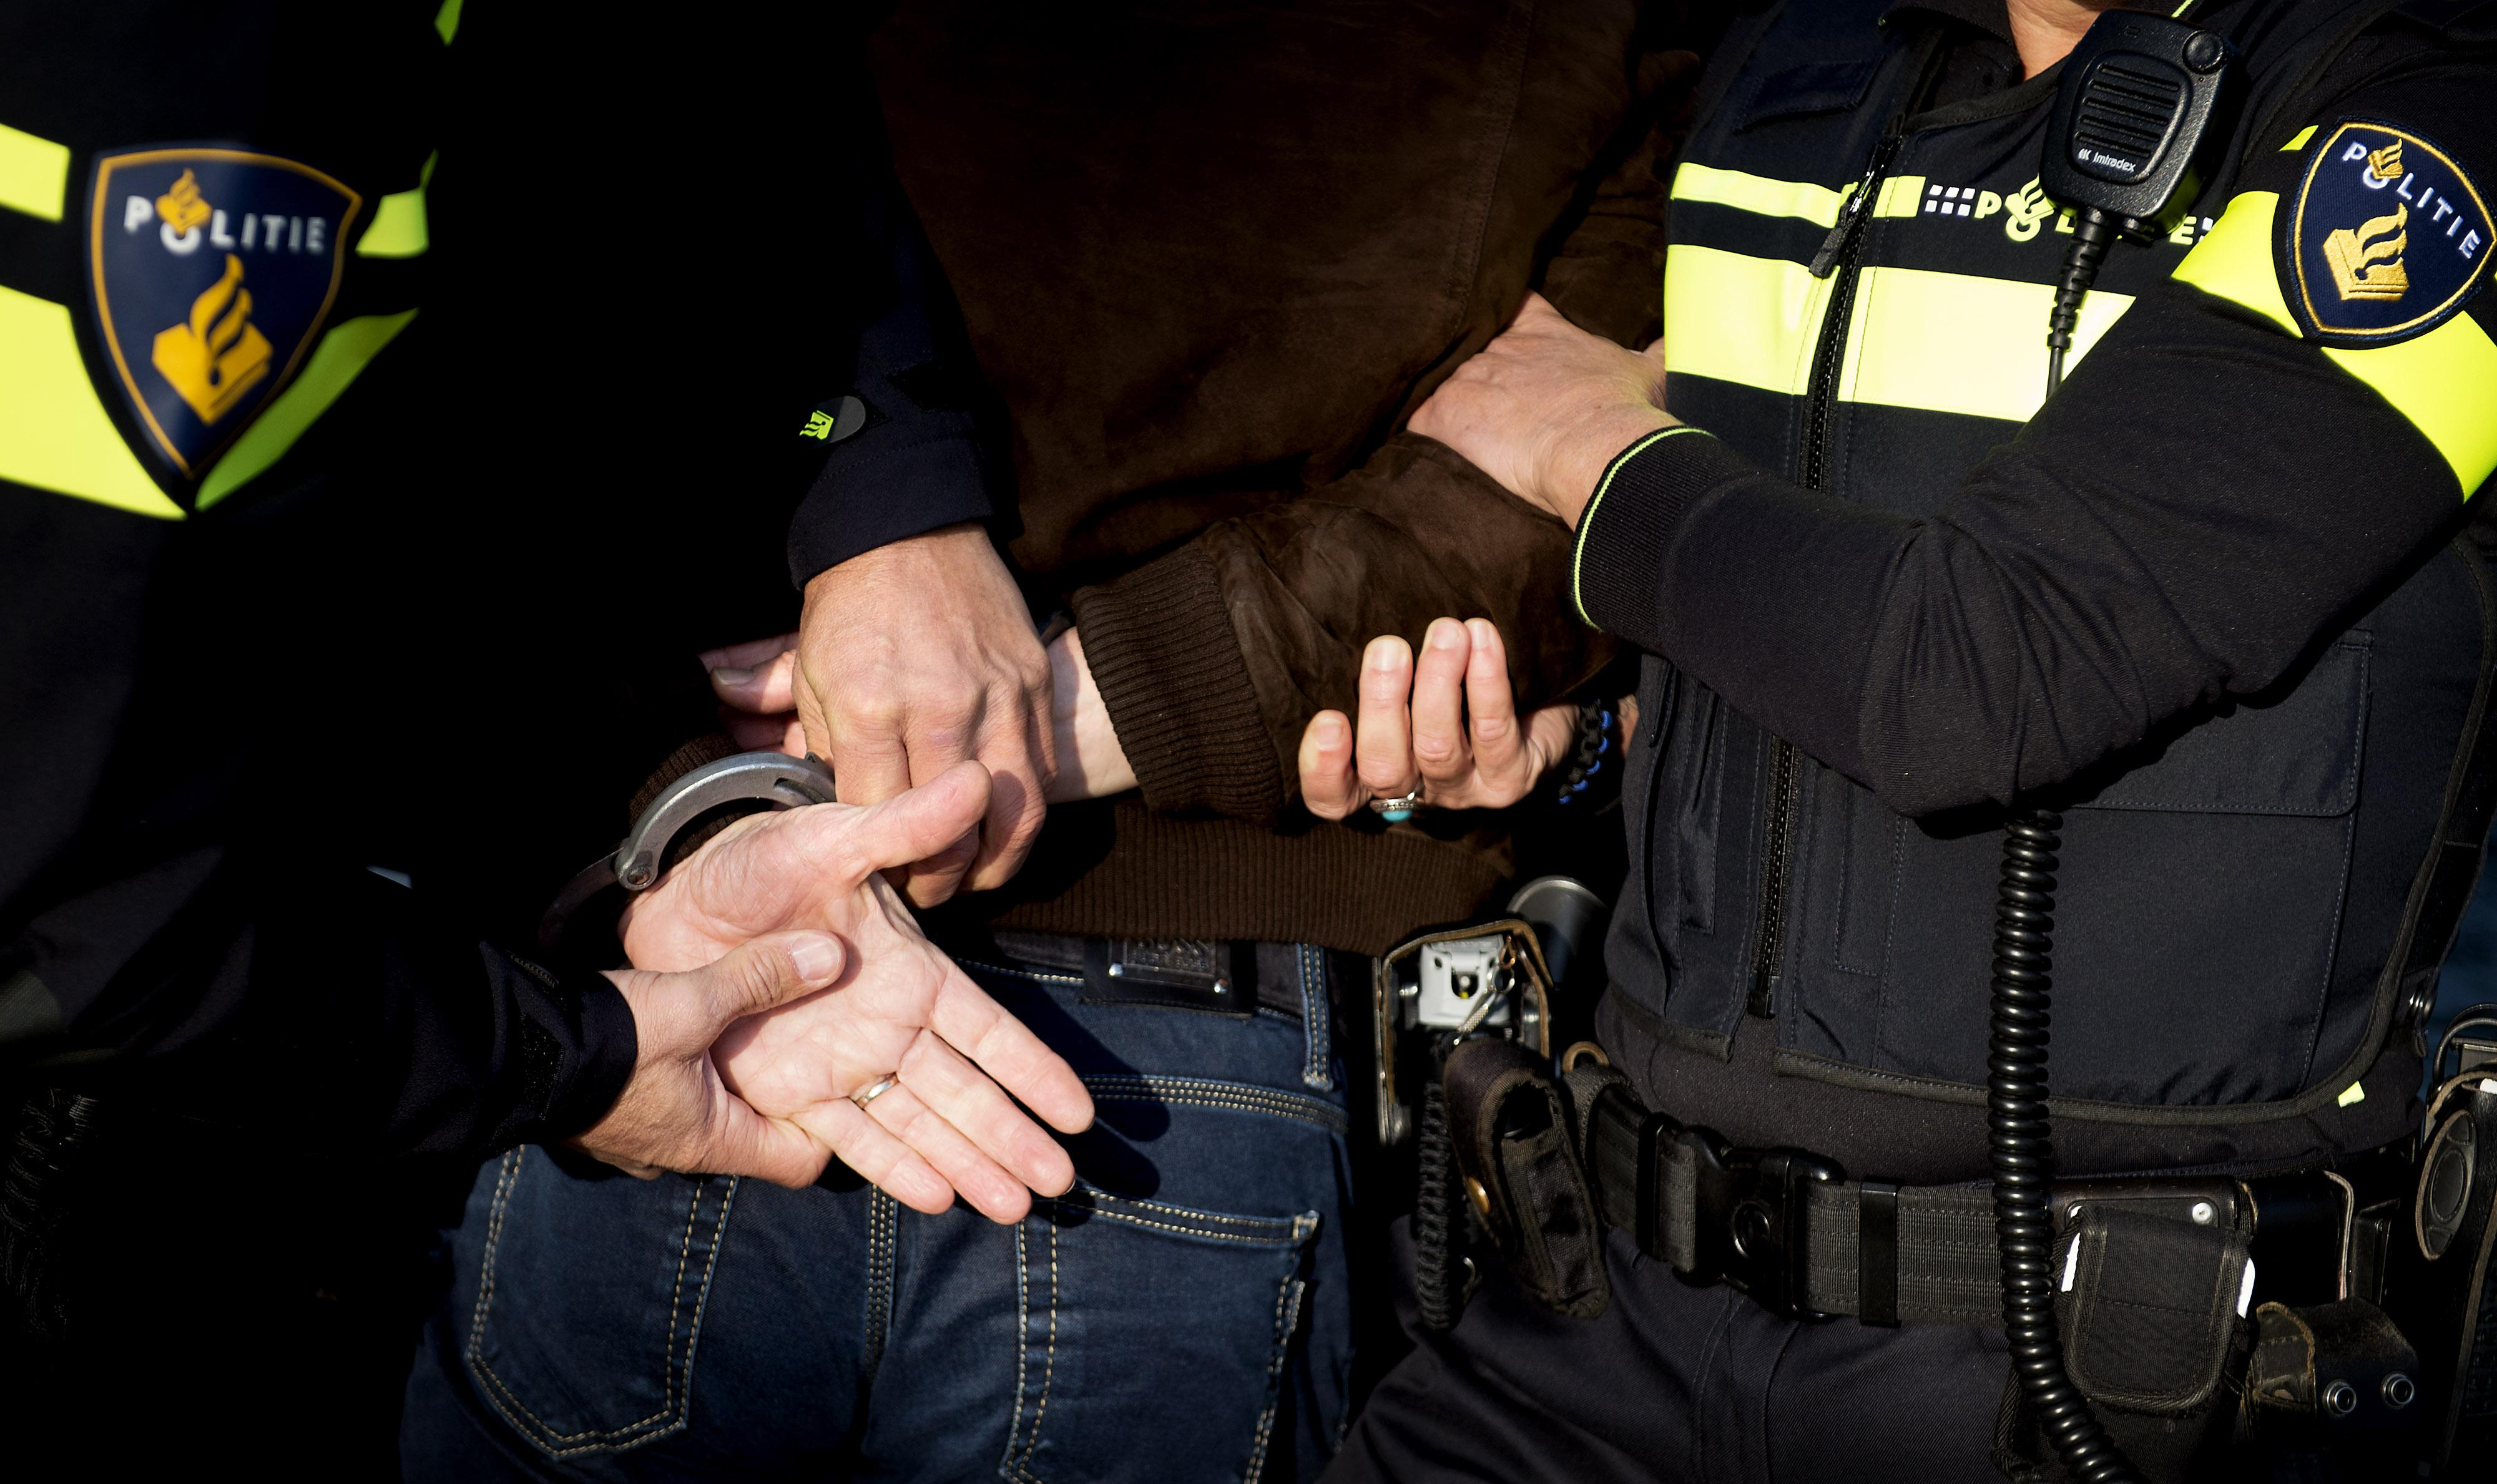 Demonstratie niet bij gemeente Velsen aangekondigd, wel online al ontdekt